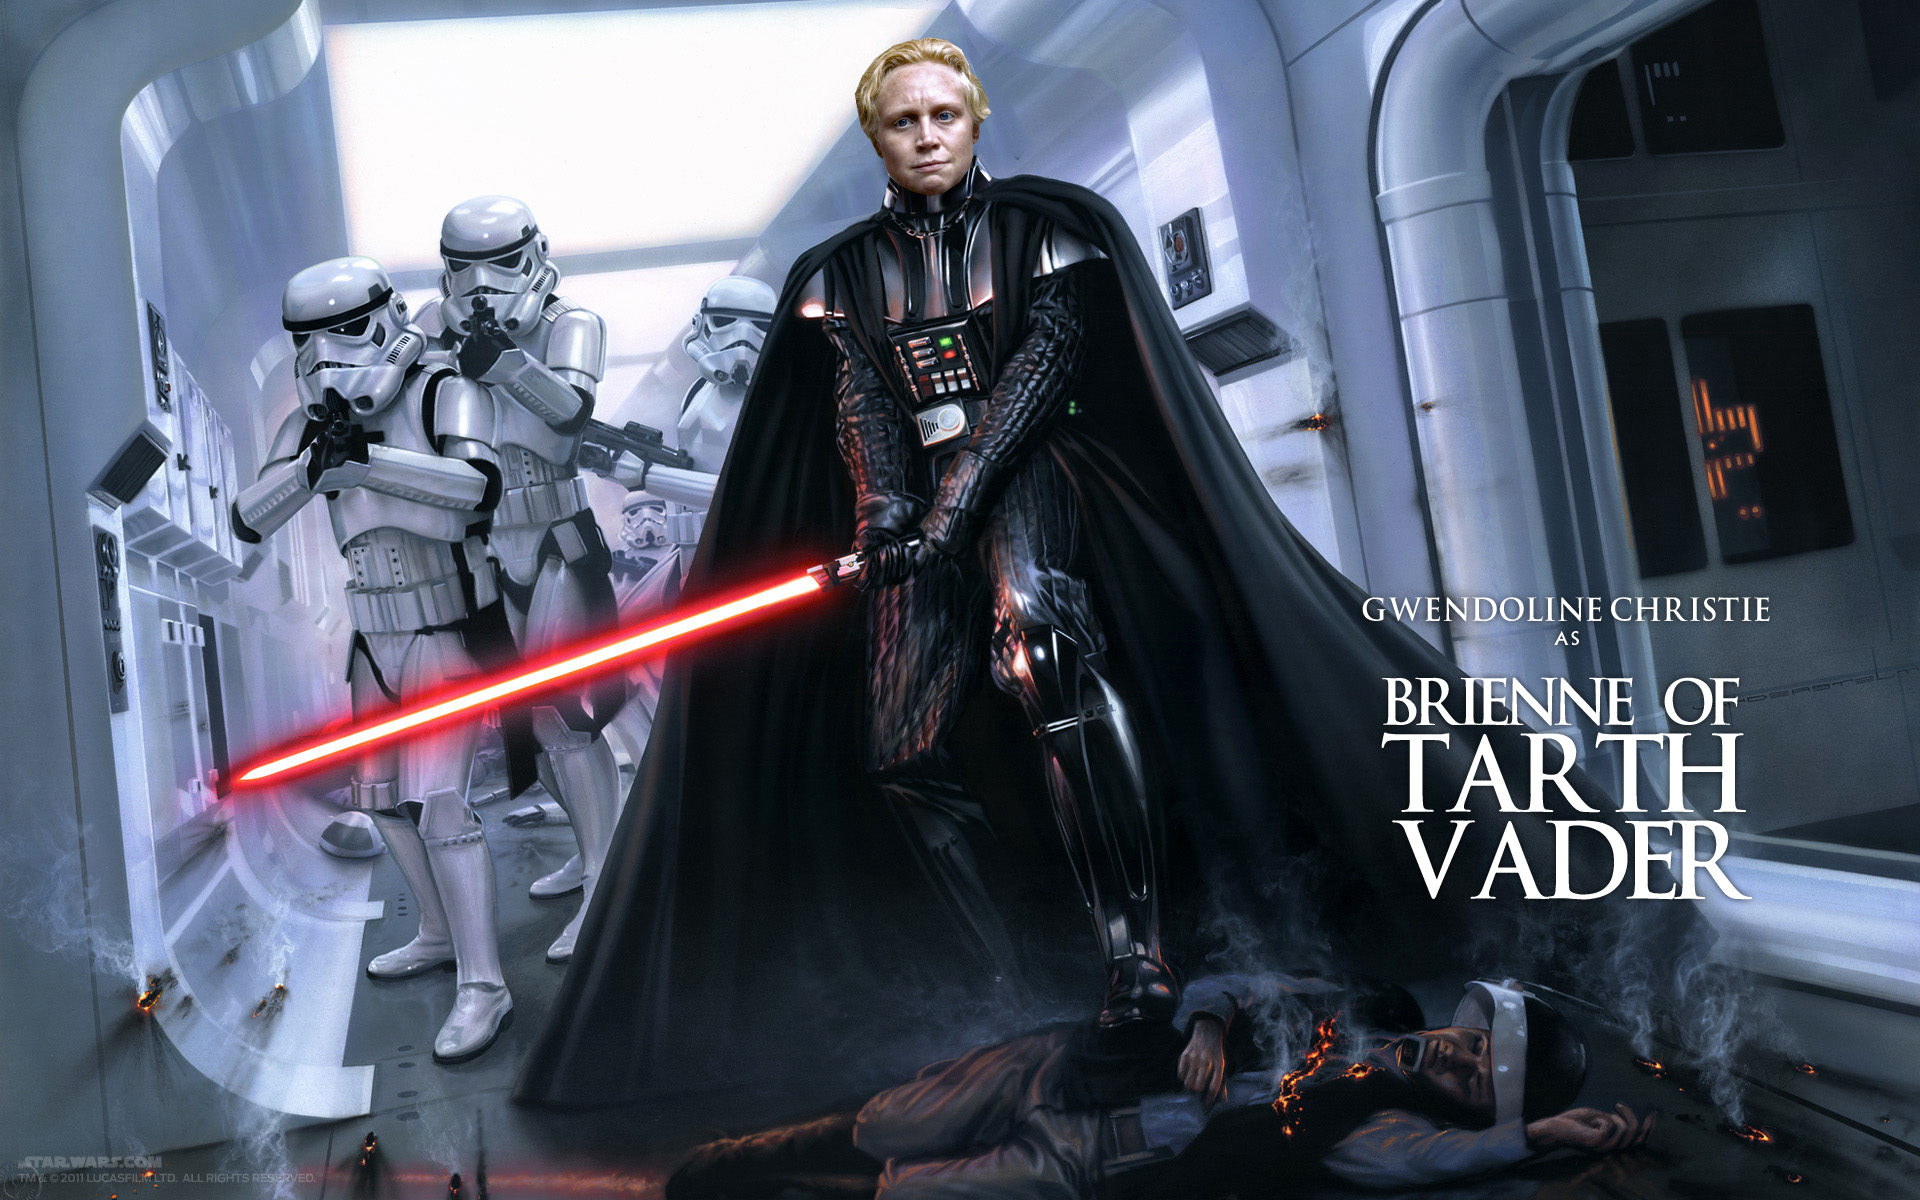 Zweiter Teaser für Episode VII - Seite 2 Brienne-of-tarth-vader-star-wars-episode-vii-gwendoline-christie-as-brienne-of-tarth-vader